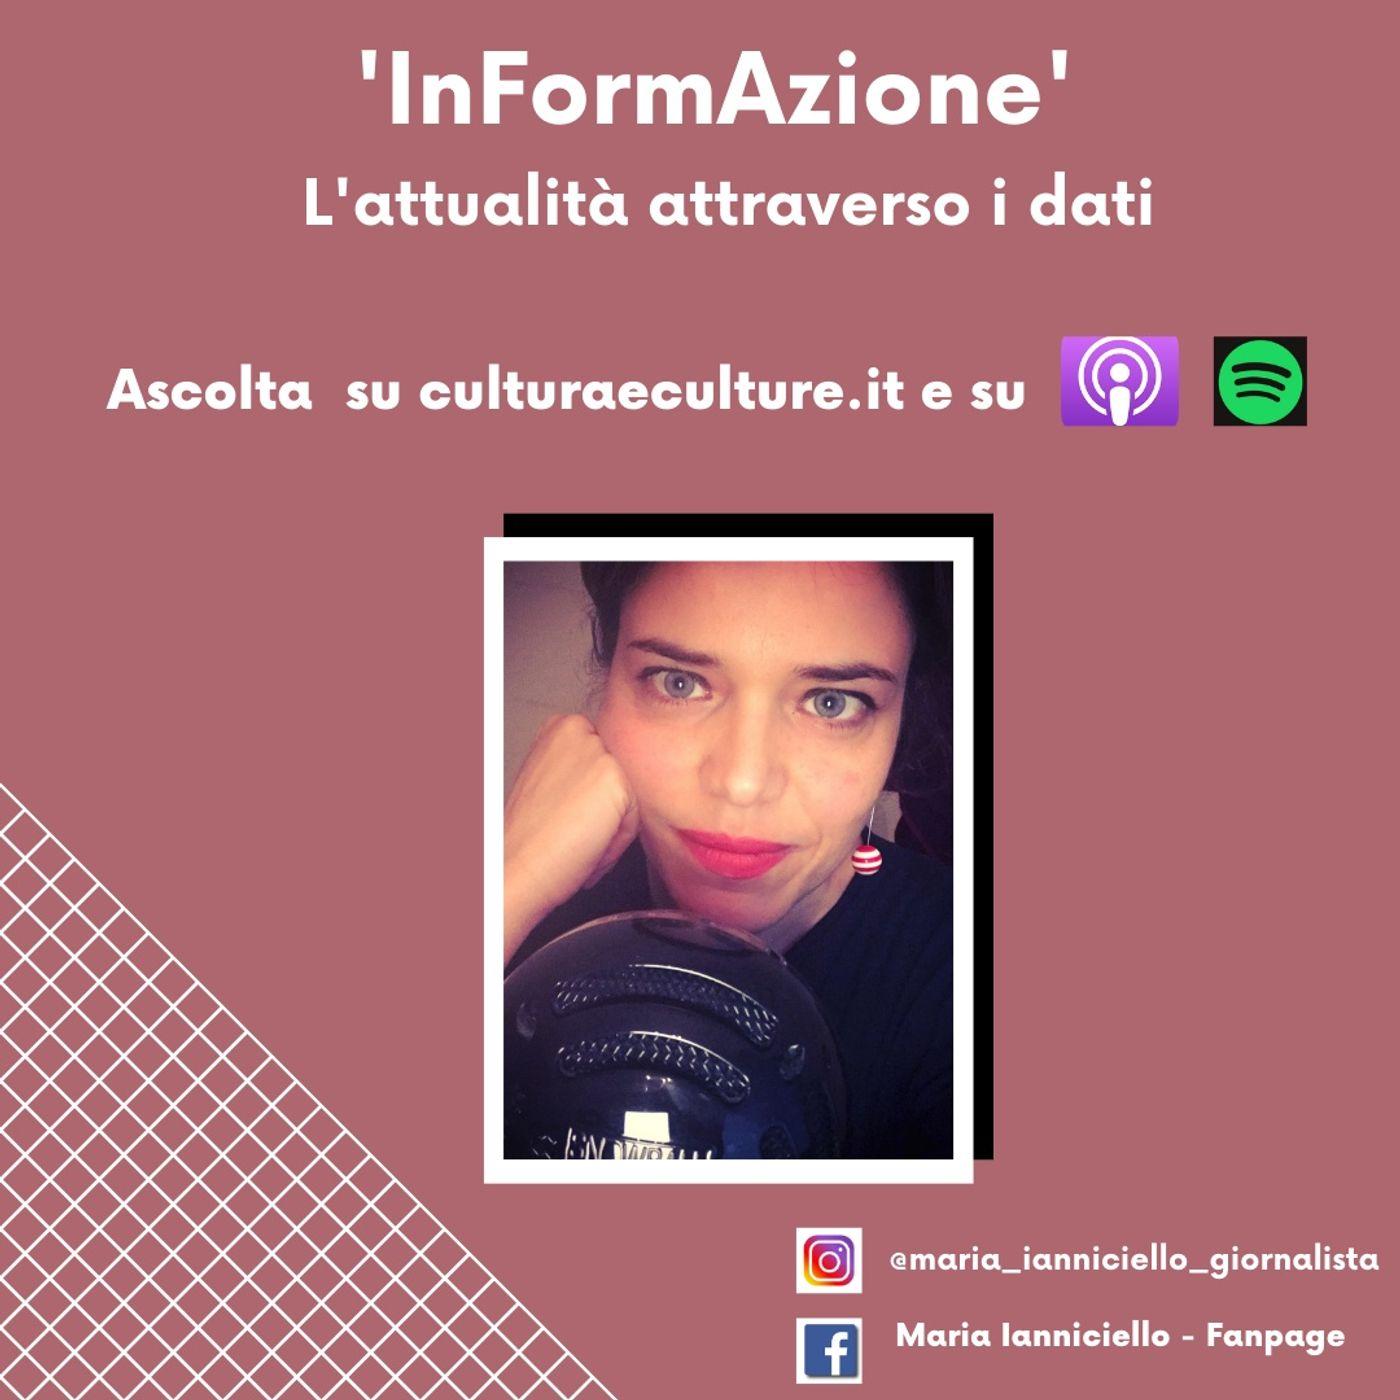 Trailer Podcast InFormAzione - di Maria Ianniciello